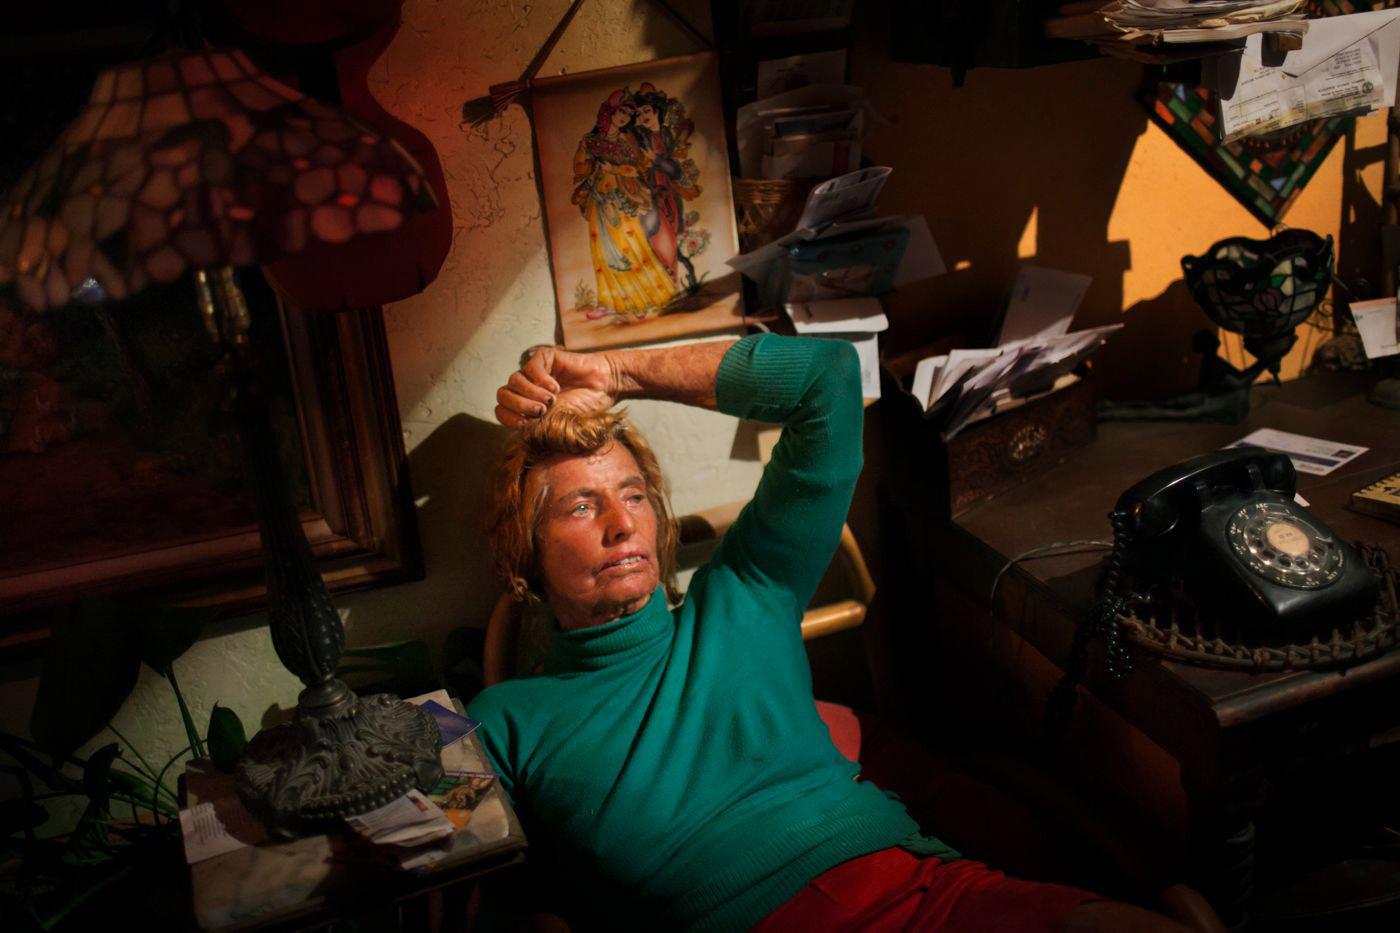 Морское изменение: Постоянный портрет, © Джессика Ева Раттнер / Jessica Eve Rattner, США, Финалист конкурса, Фотоконкурс «Портрет» — LensCulture Portrait Awards